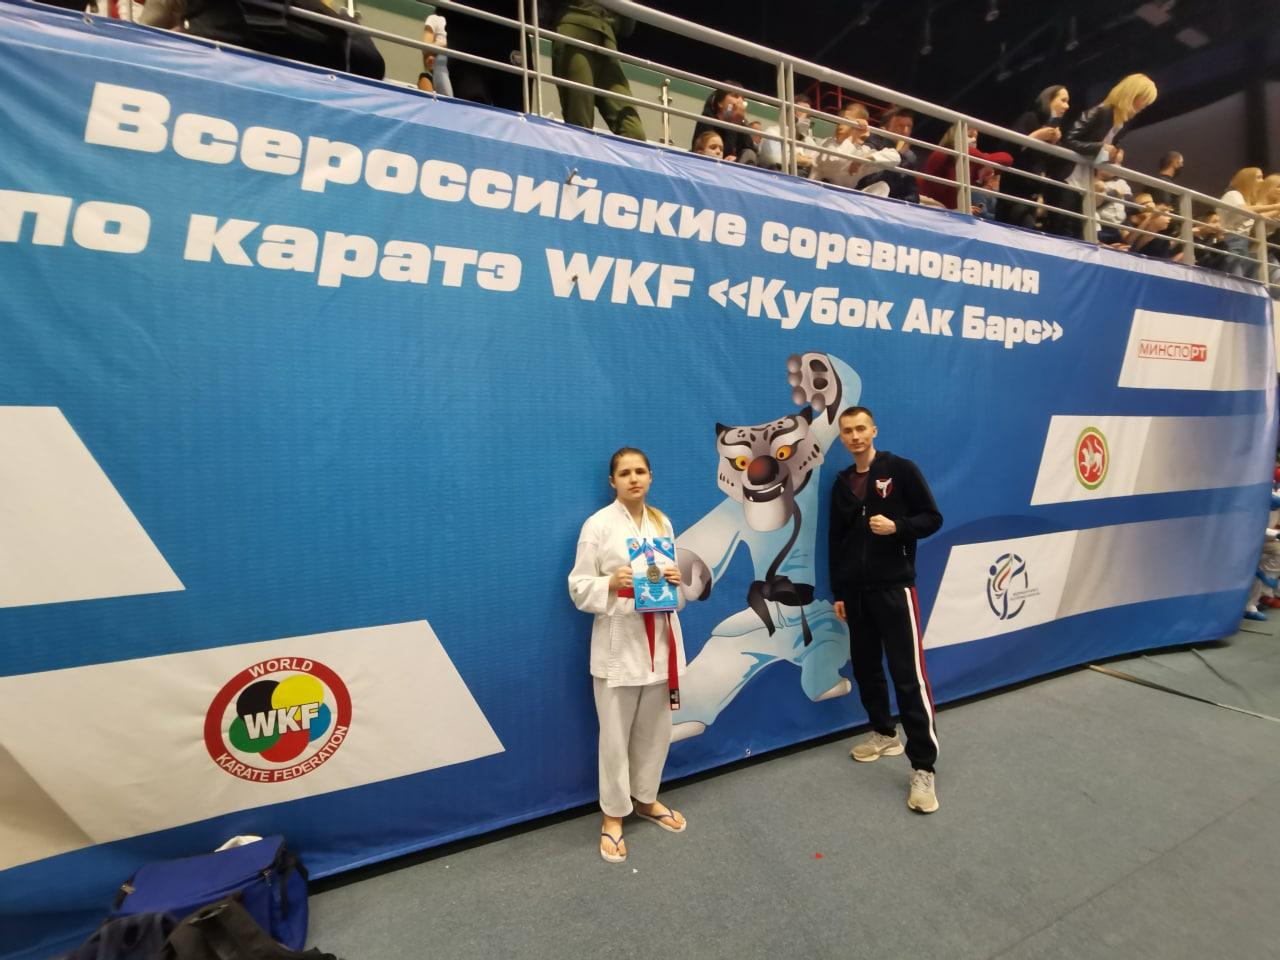 Коломчанка стала серебряным призером всероссийских соревнований